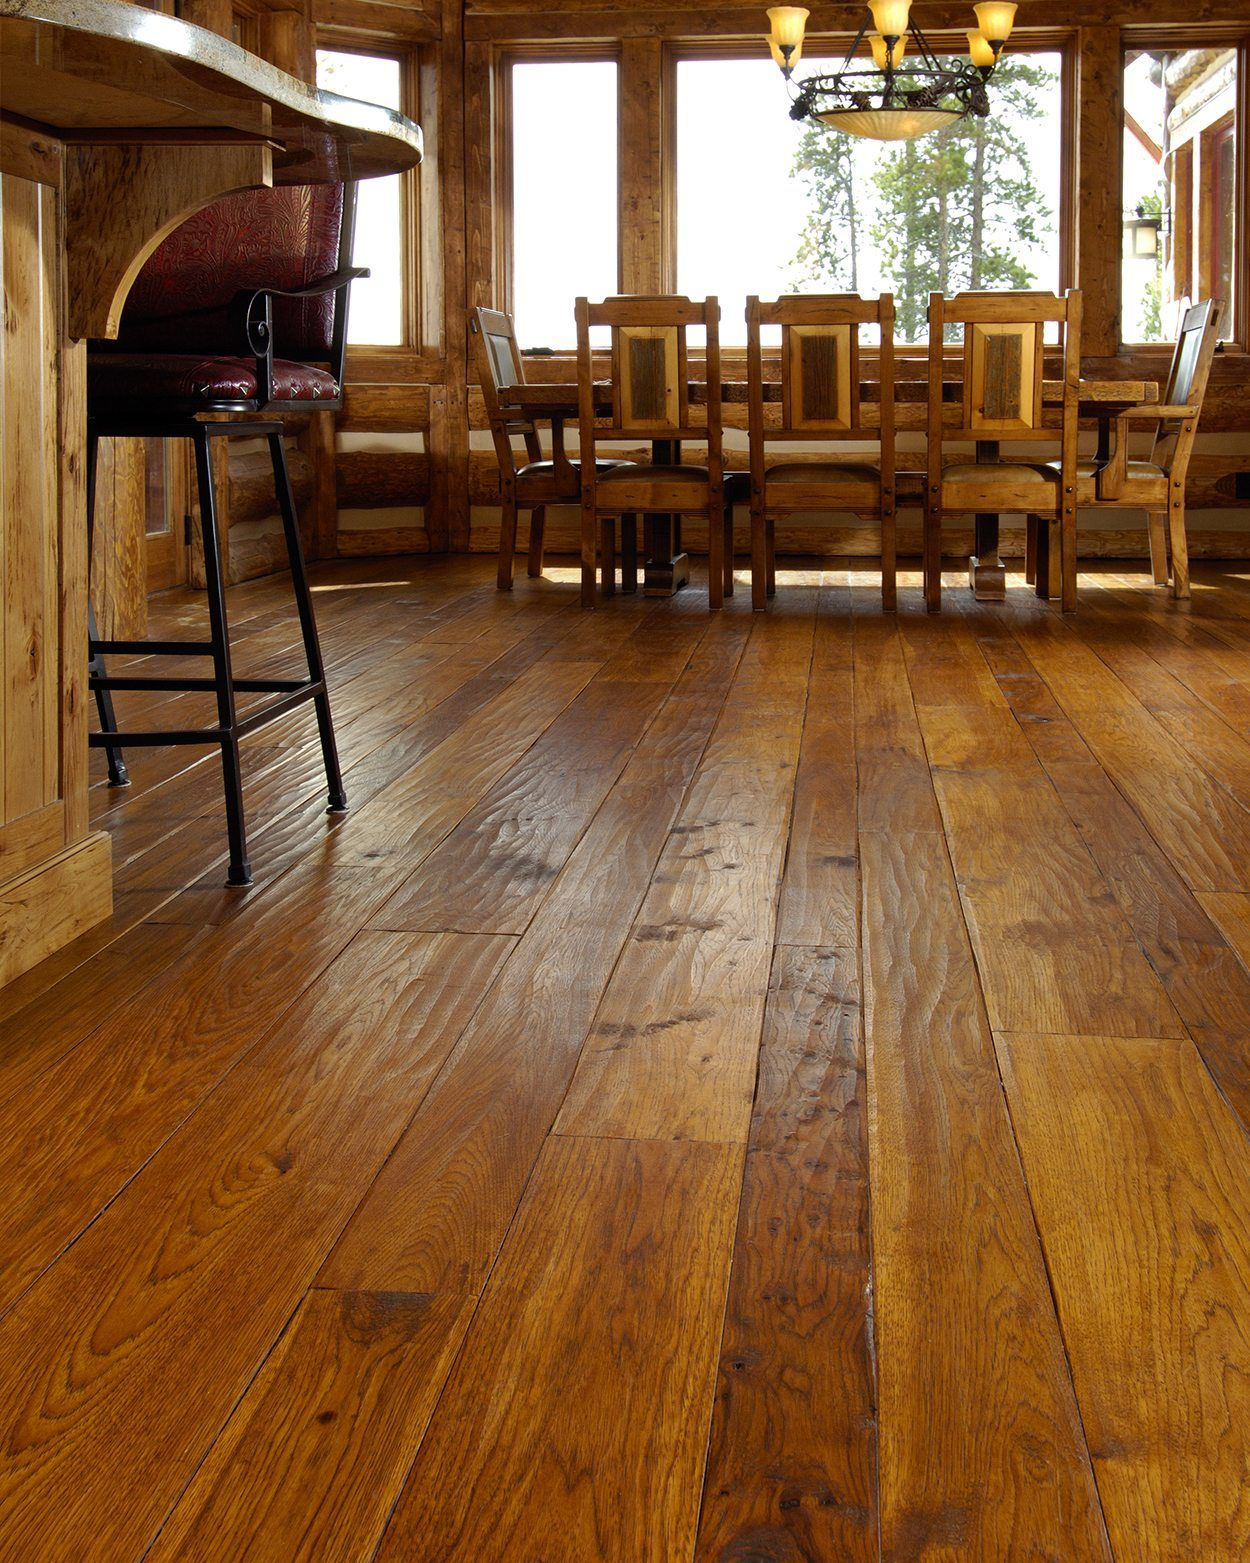 Hand Scraped Edge Texture In A Dining Room Wood Floors Wide Plank Flooring Rustic Wood Floors